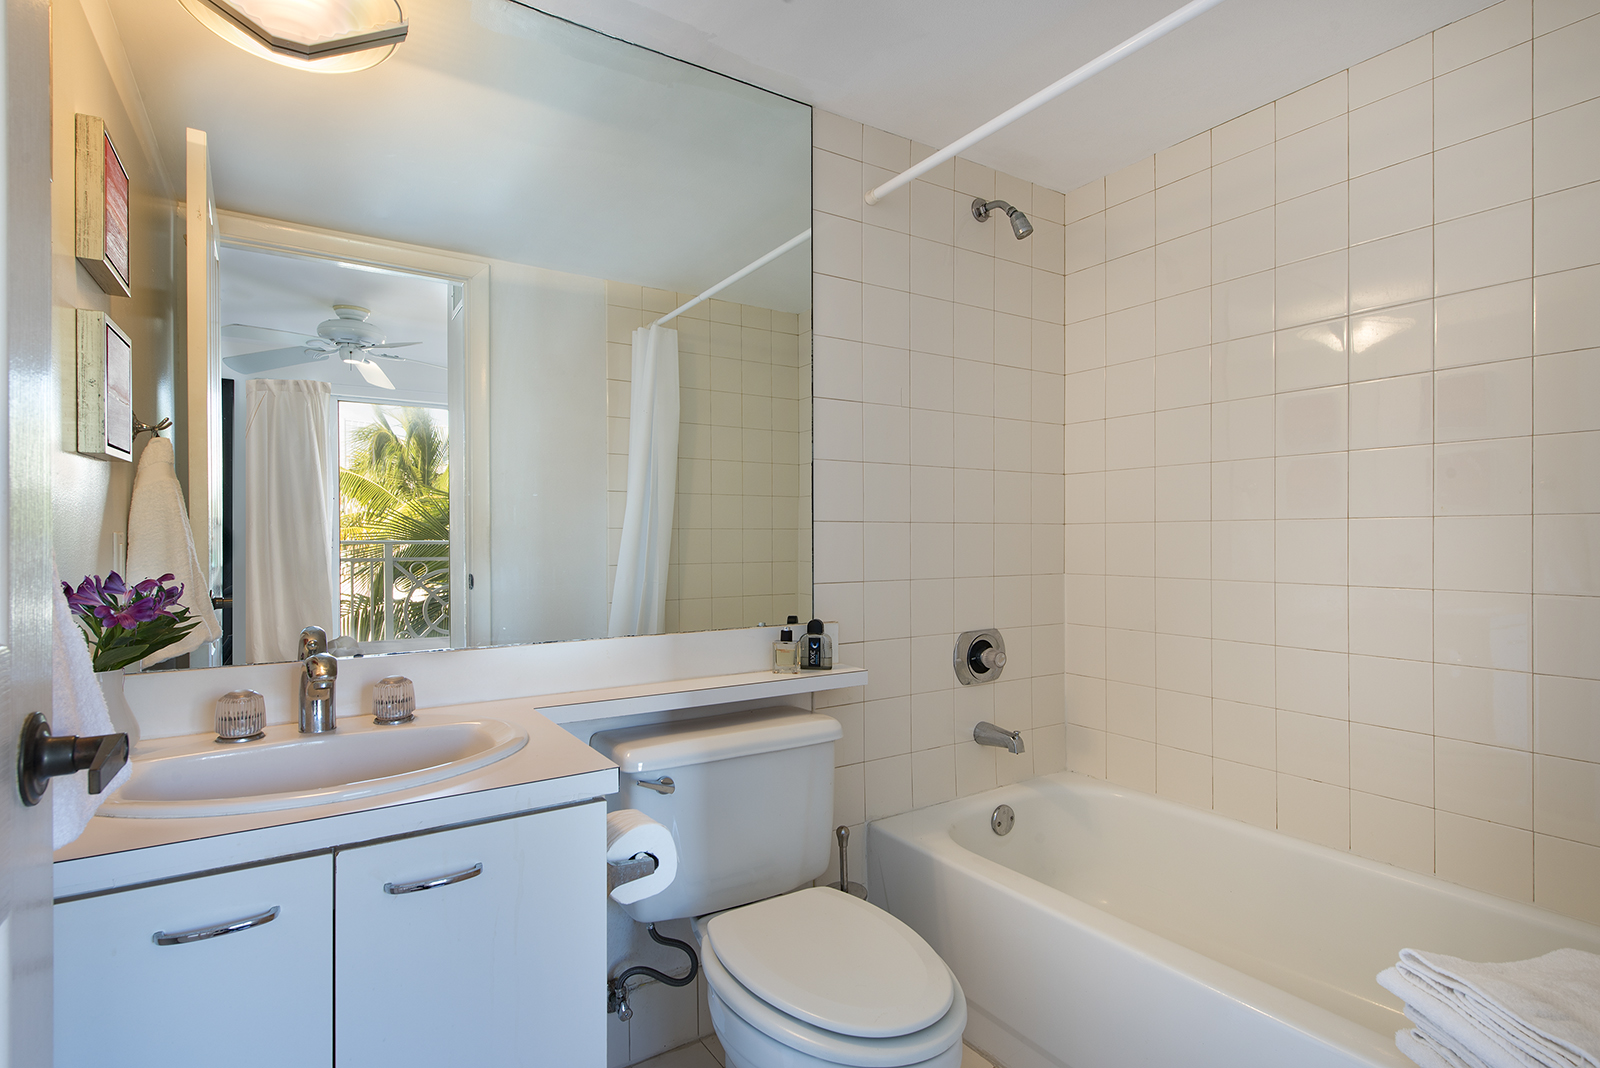 Villas at South Beach #222-11.jpg